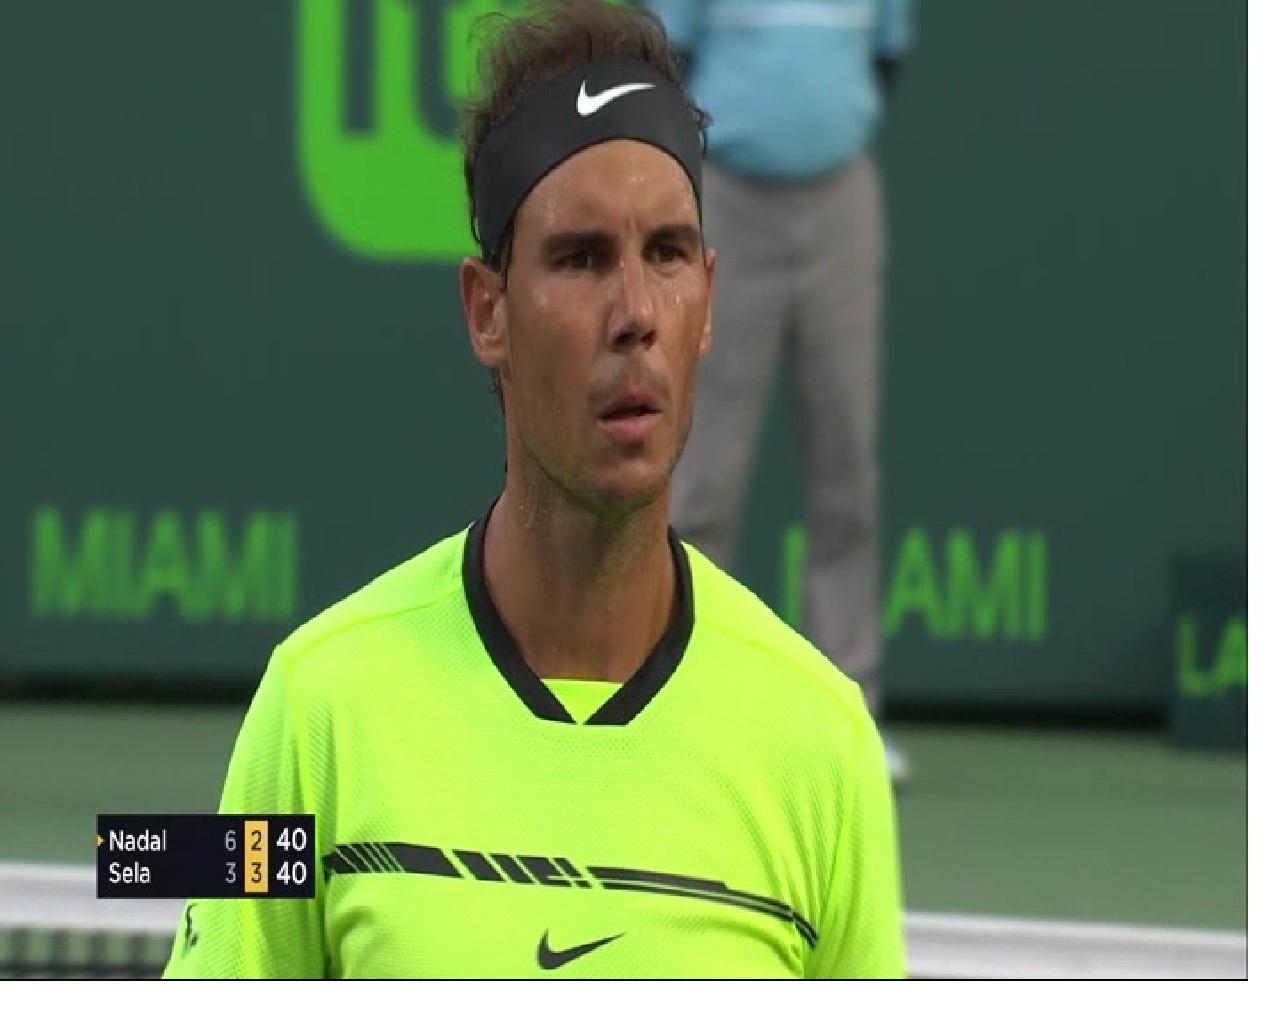 Rafel+Nadal+debuta+a+Miami+amb+vict%C3%B2ria